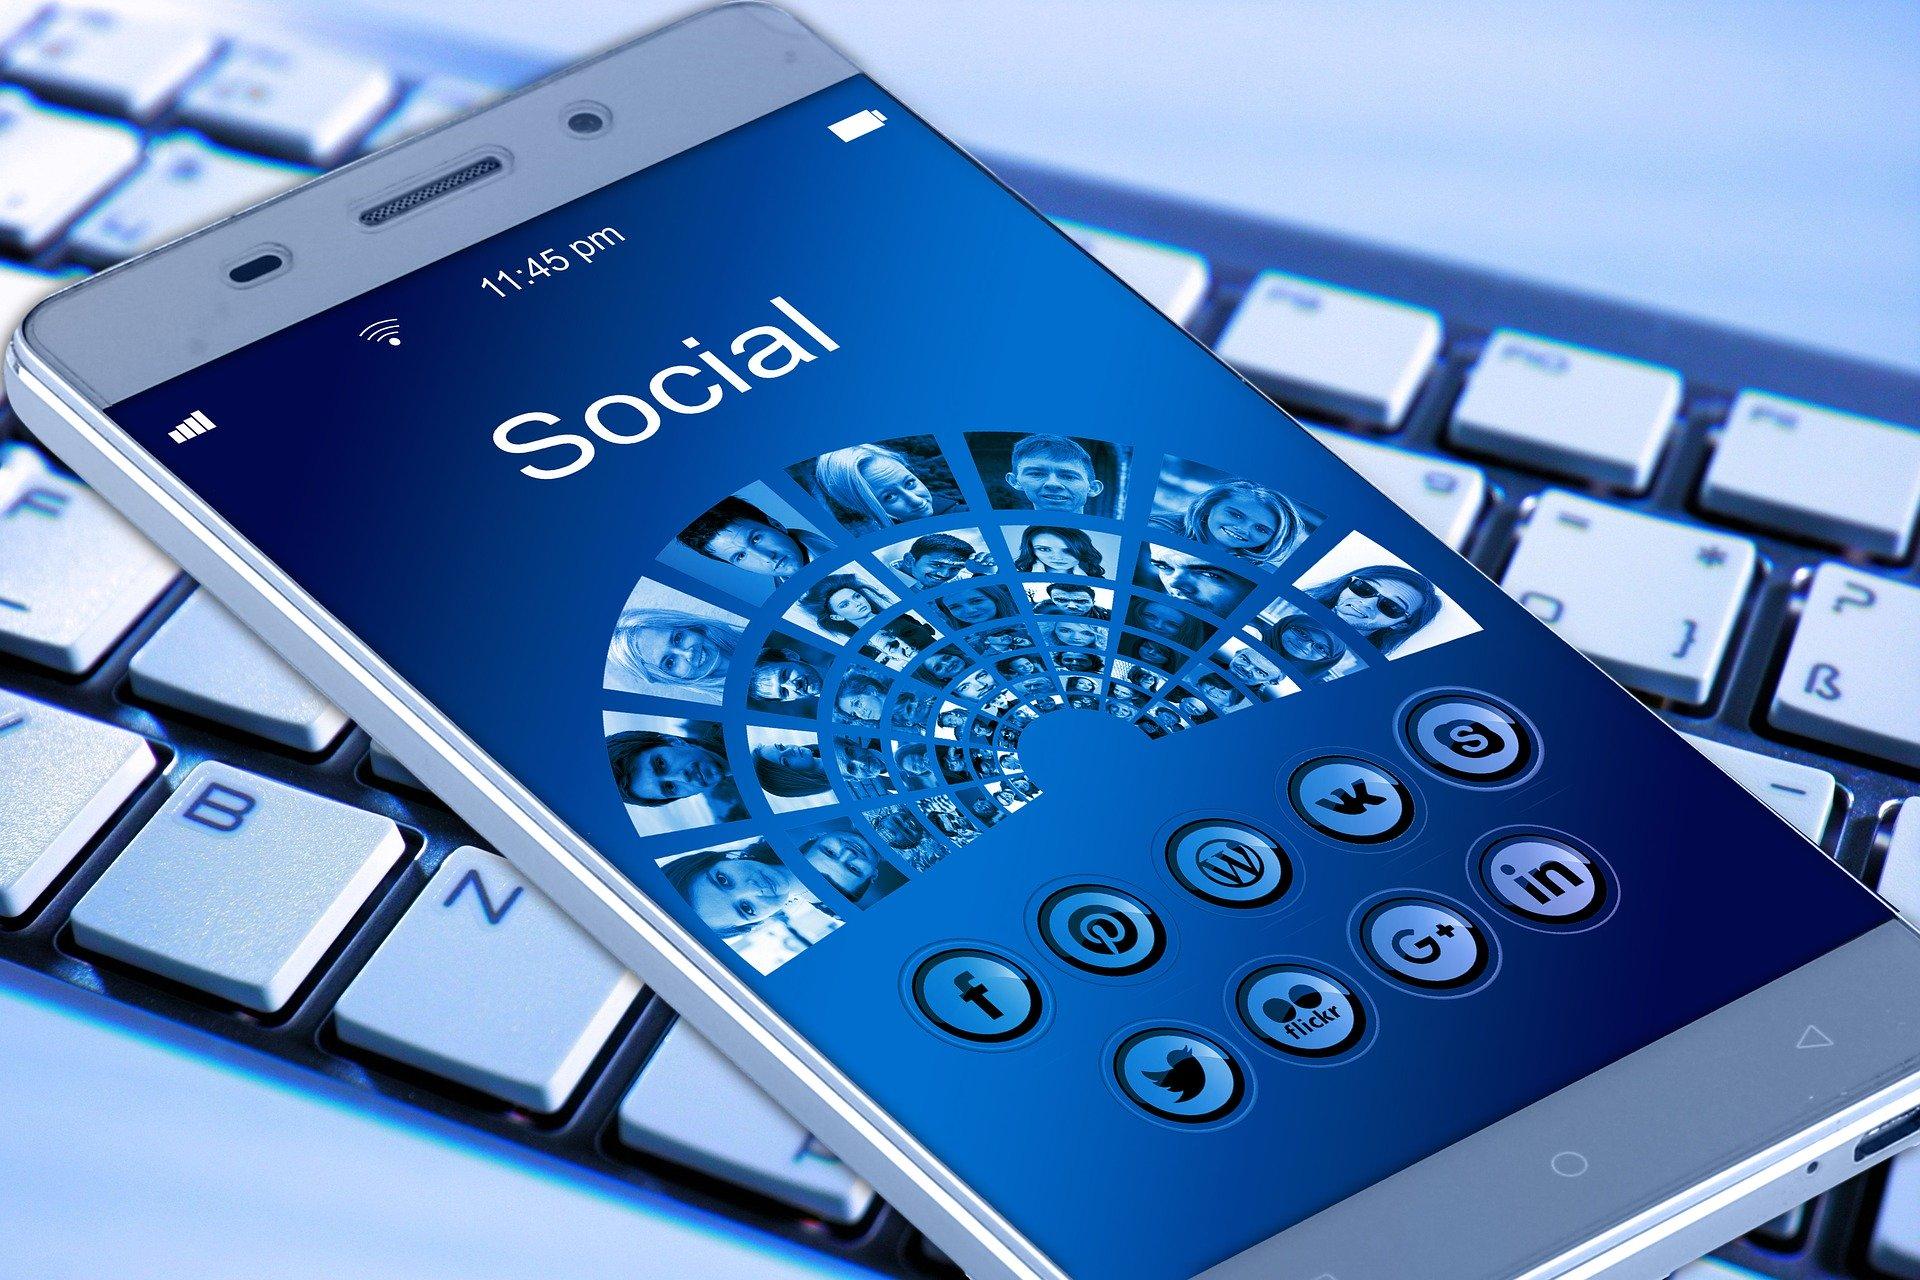 איך להנציח את חשבון הפייסבוק של אדם שנפטר?